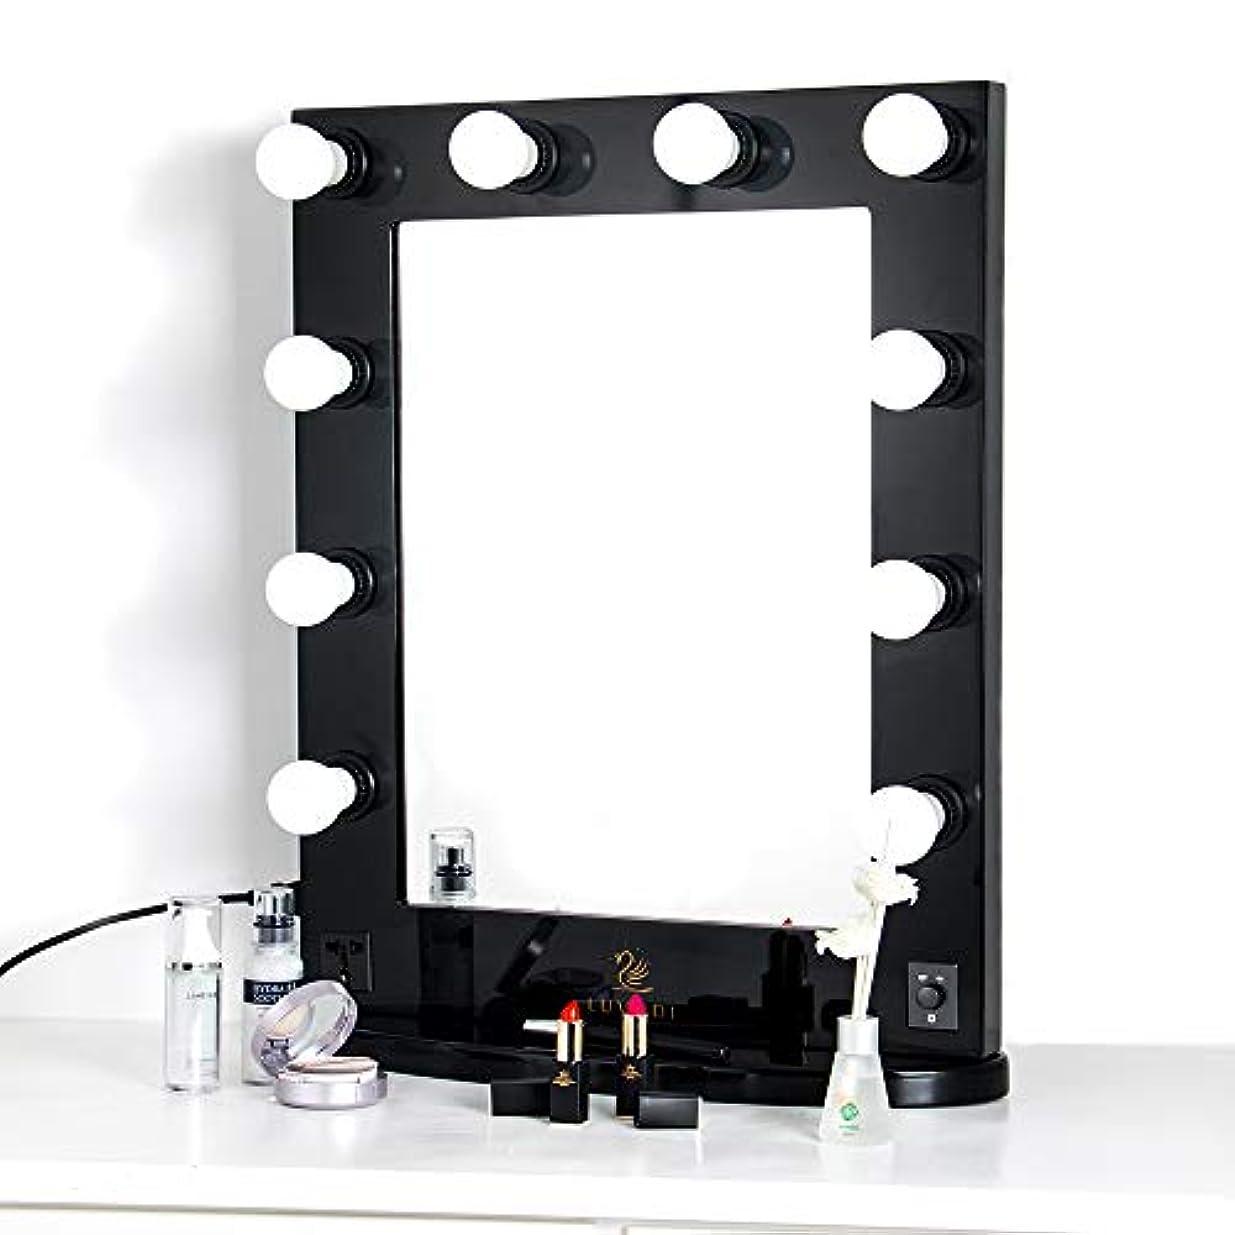 戦士ピストル同行LUVODI ハリウッドミラー化粧鏡の女優ミラー化粧鏡化粧鏡壁掛けデスクが無段階調光デスクトップミラー大きな木製の2Way(ブラック)の光を主導しました ブラック